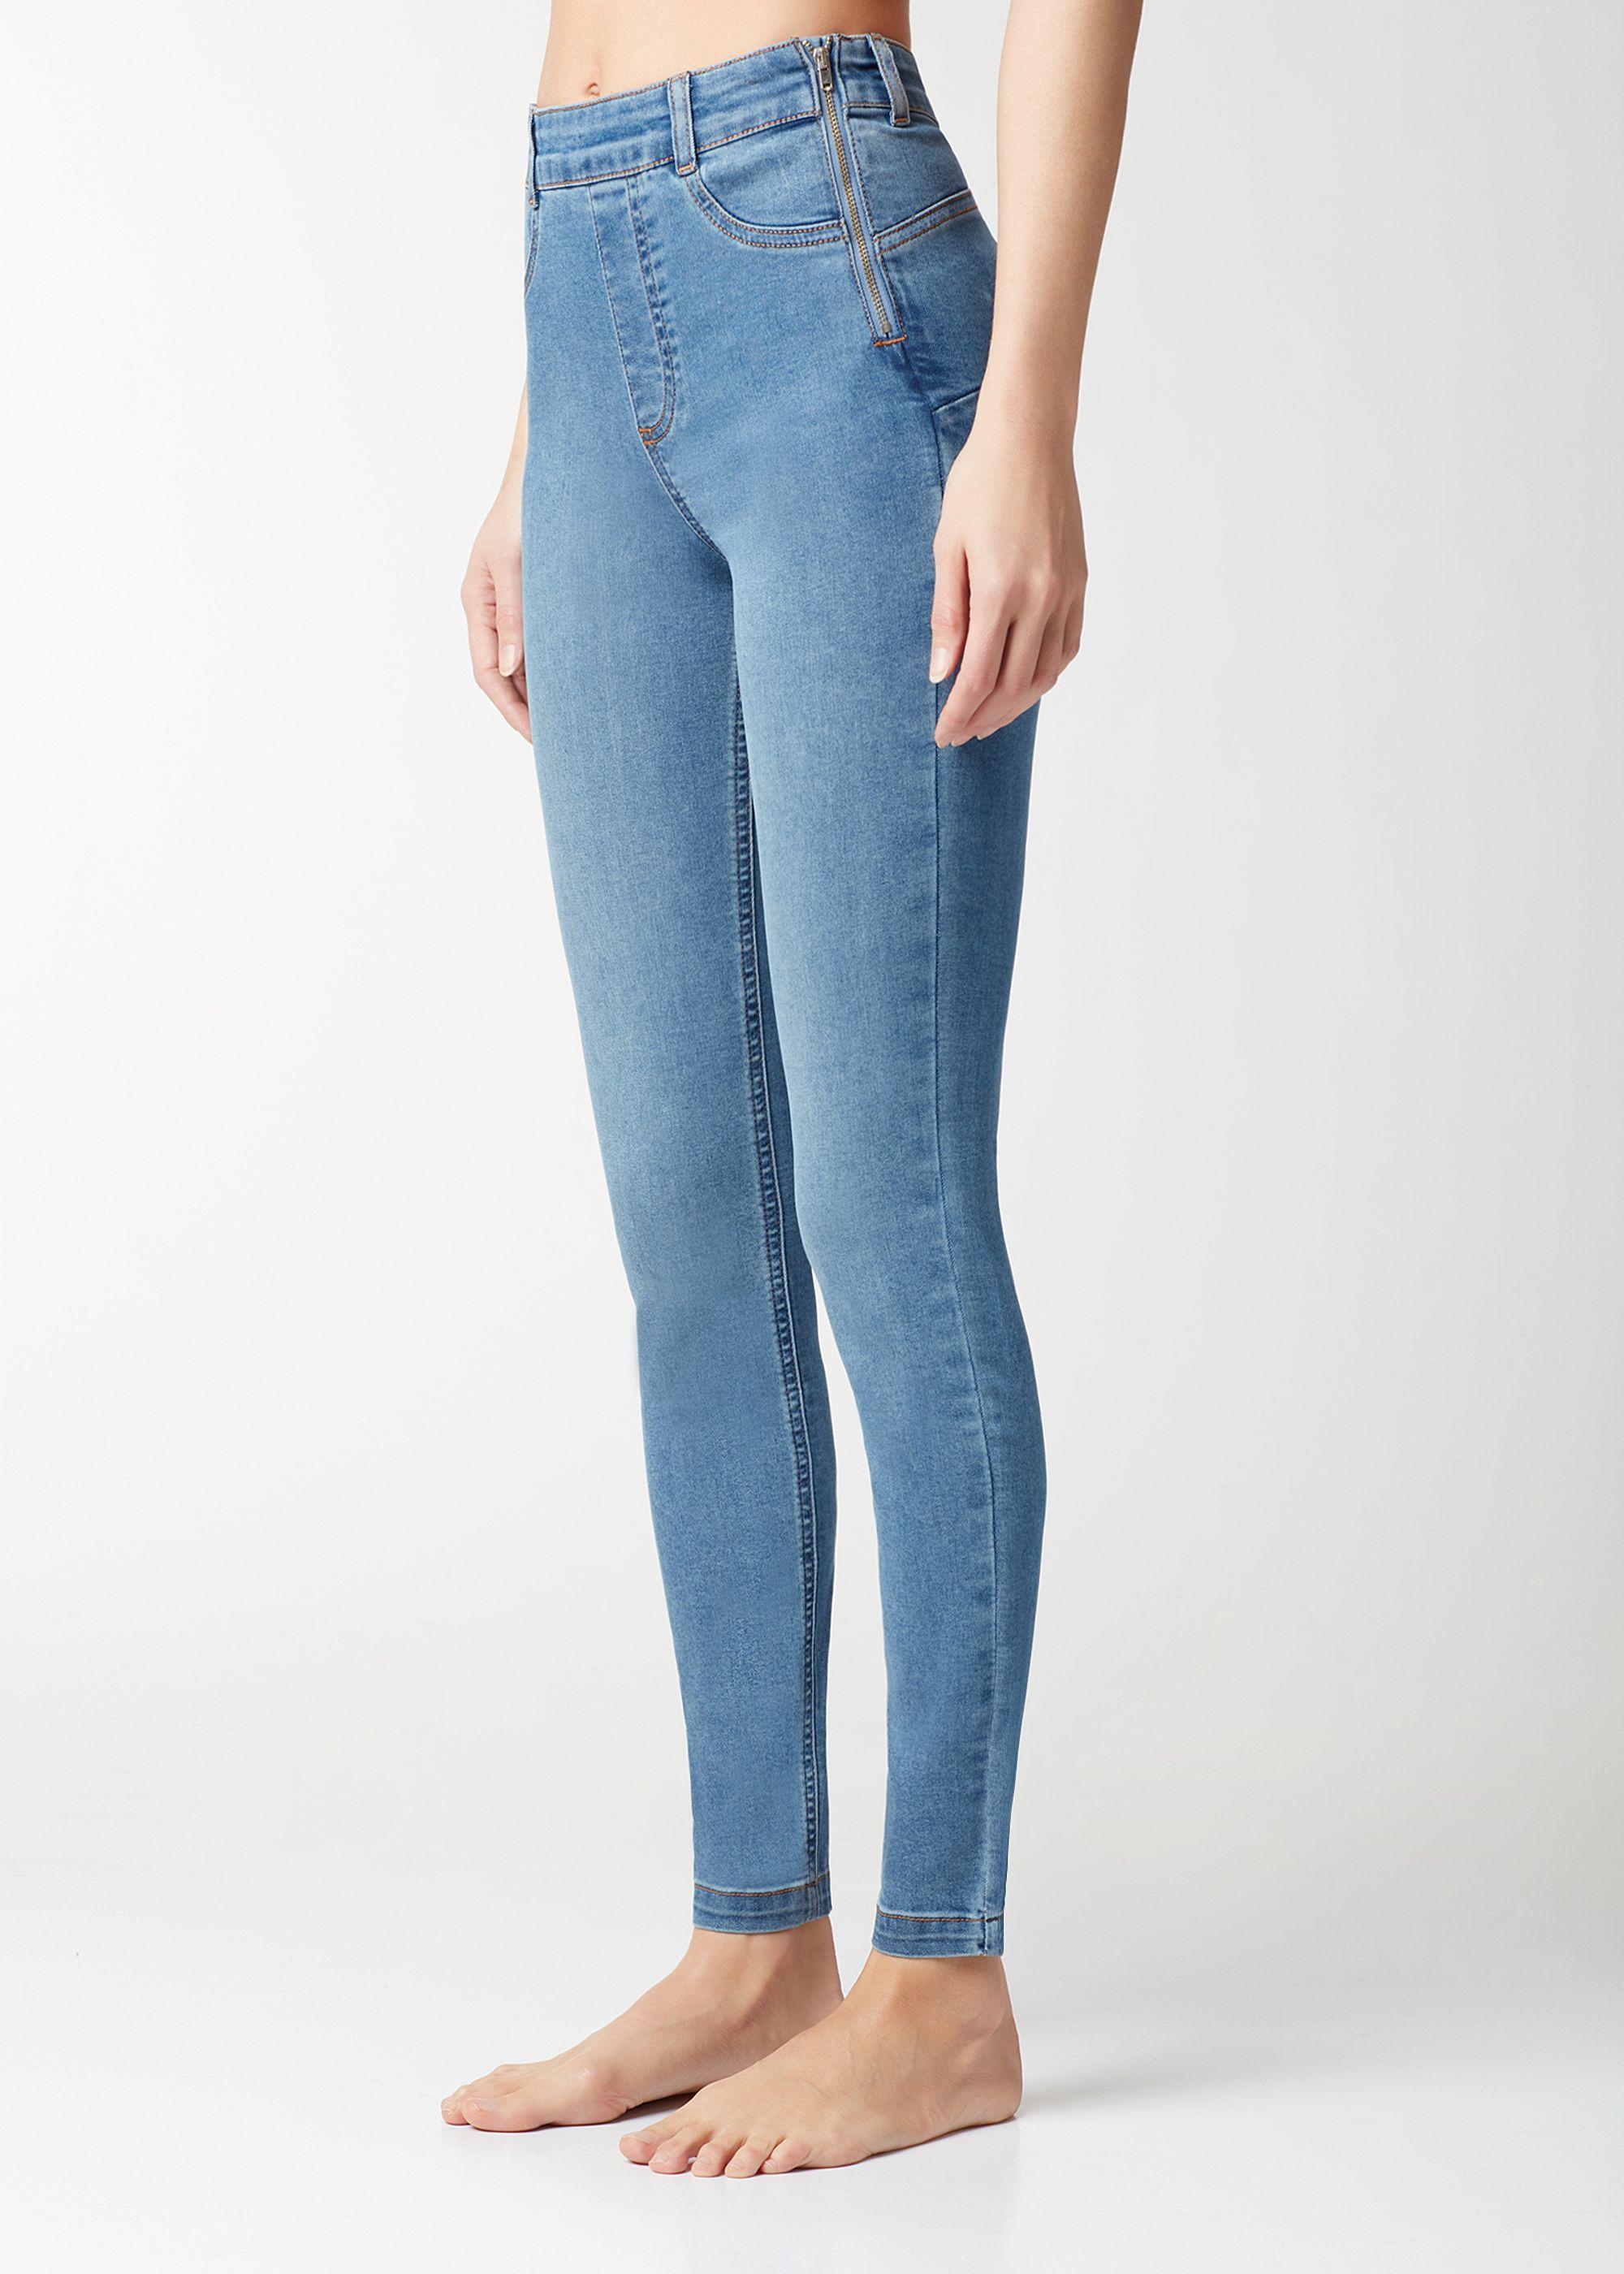 Superior Jean A La Mode #14: Achetez Jean Total Shaper Dans La Boutique Calzedonia. Une Longue Tradition  De La Mode Et